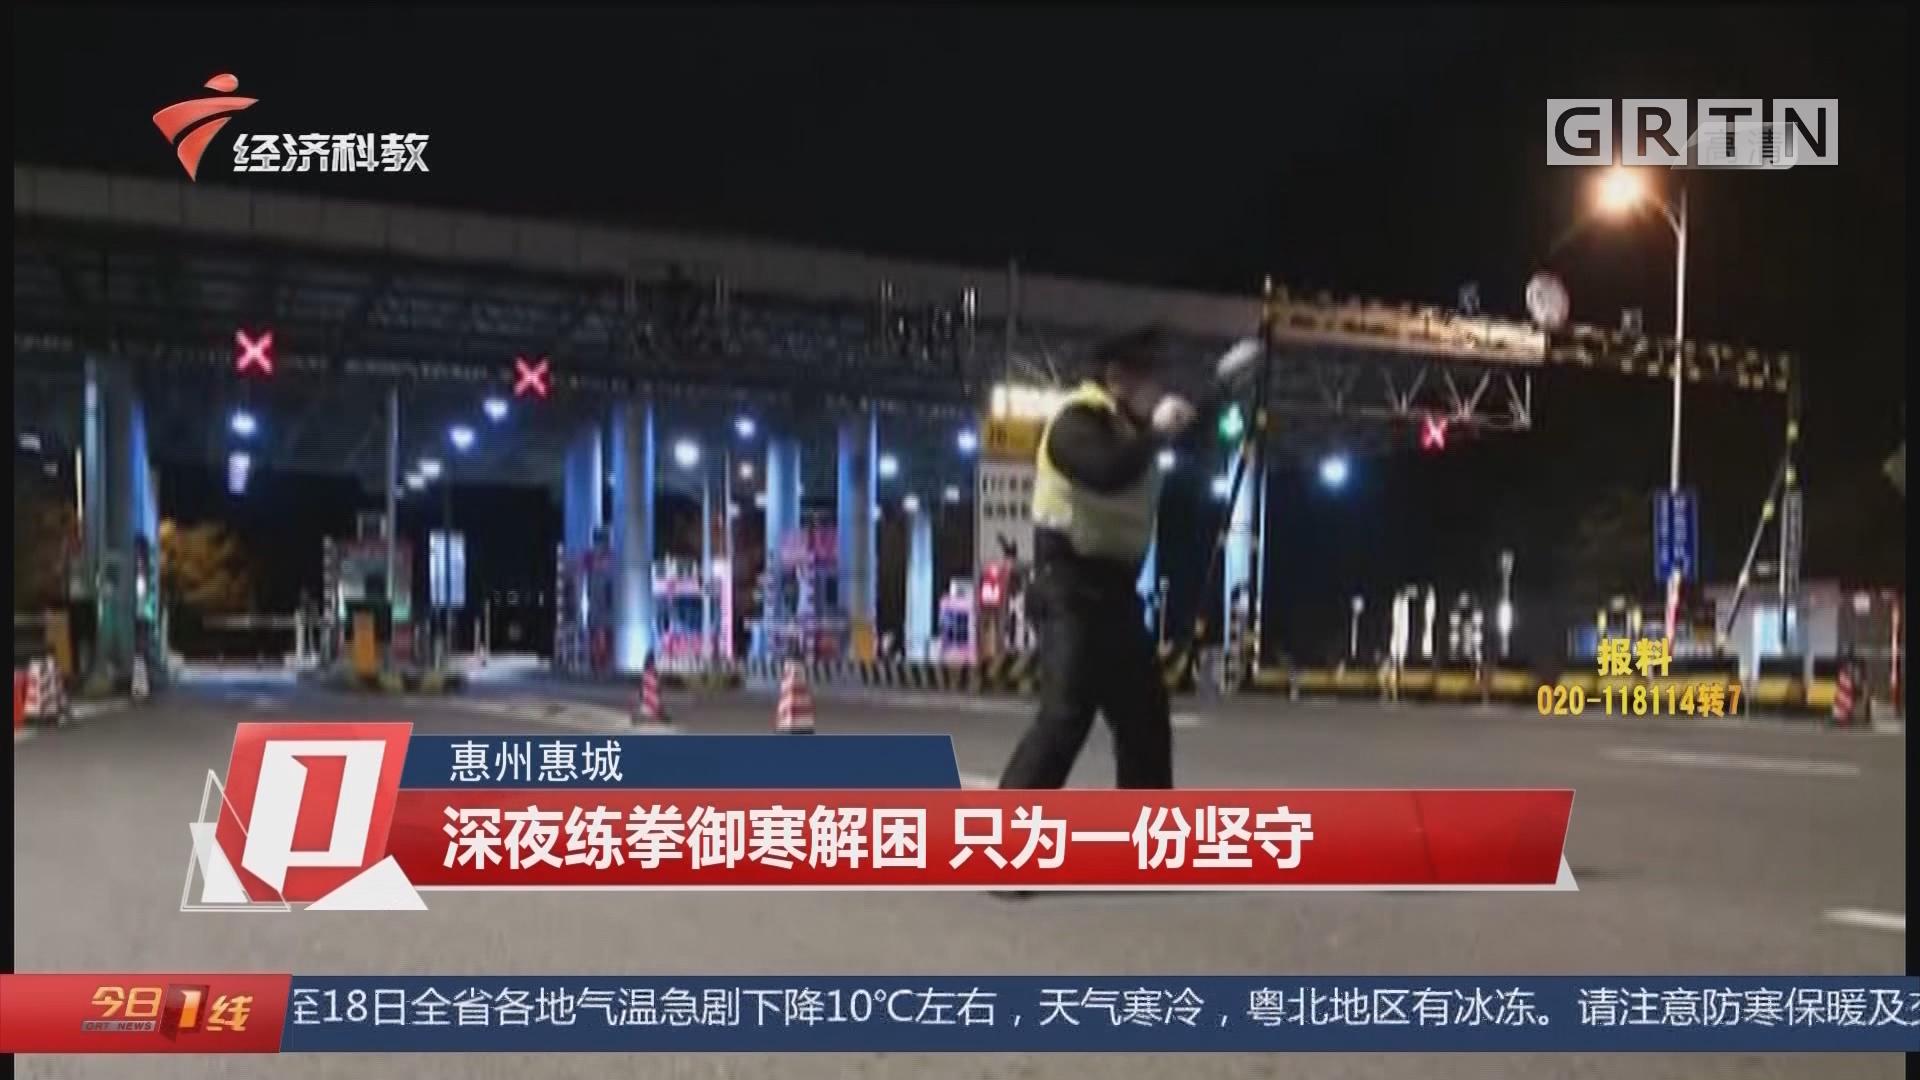 惠州惠城:深夜练拳御寒解困 只为一份坚守